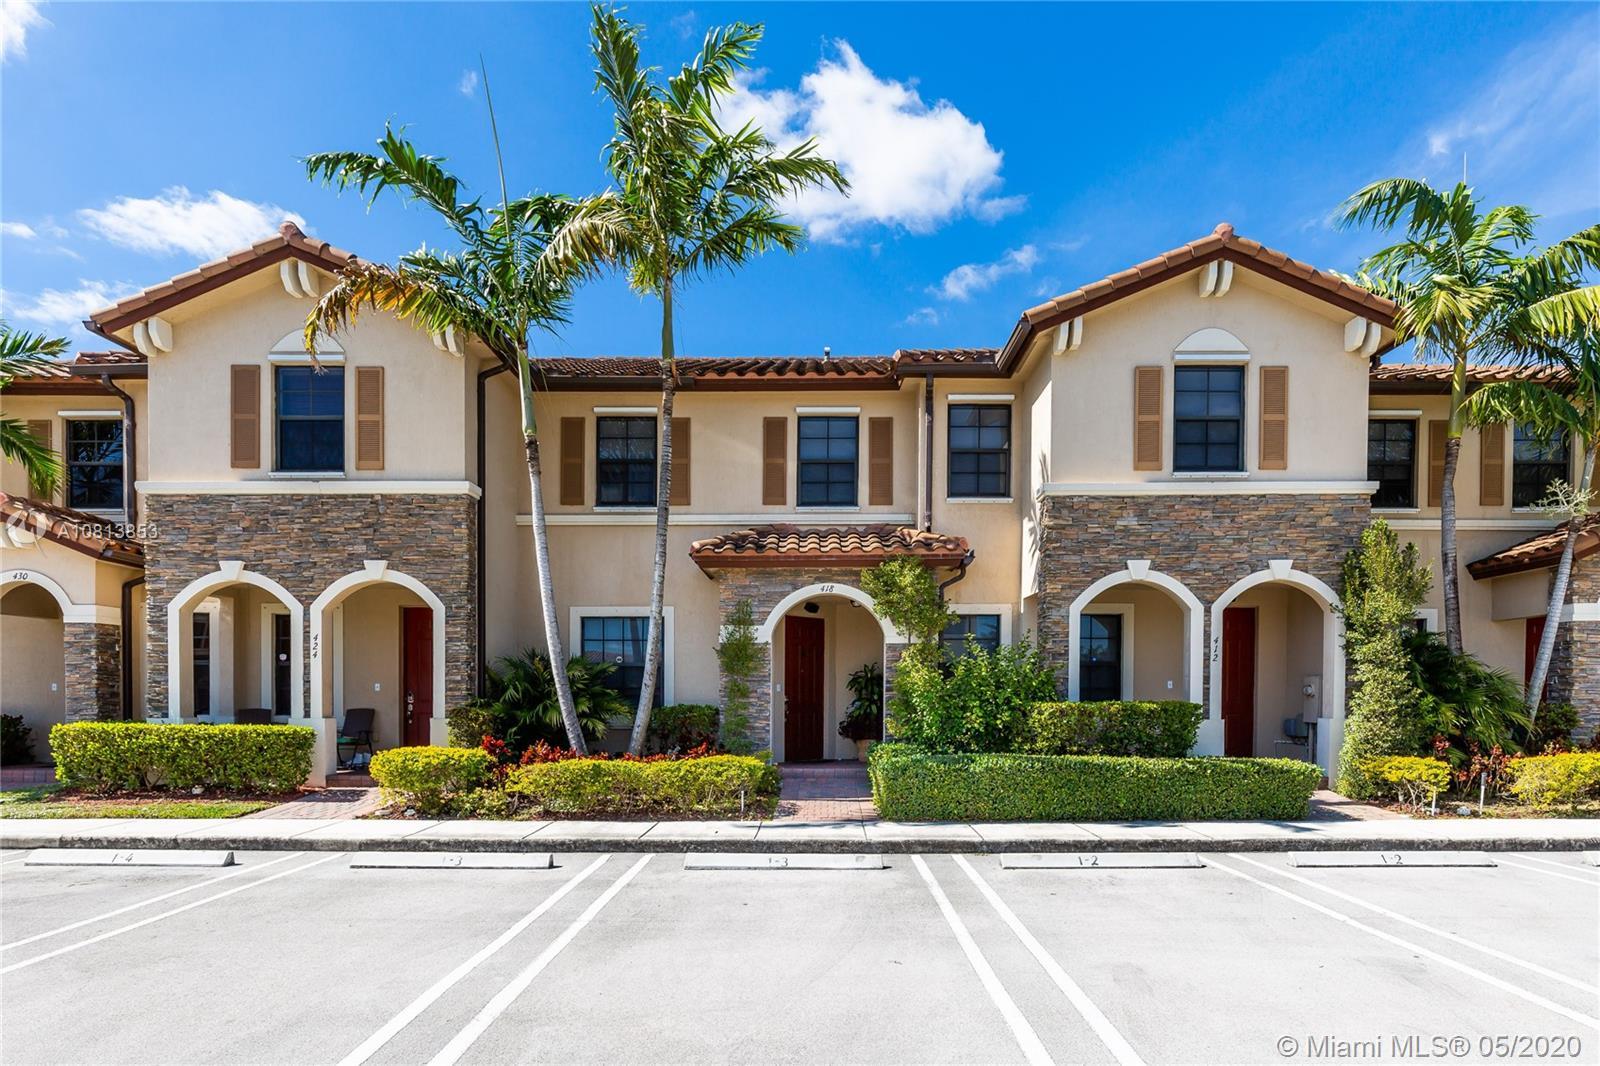 418 SE 32nd Ave #0, Homestead, FL 33033 - Homestead, FL real estate listing